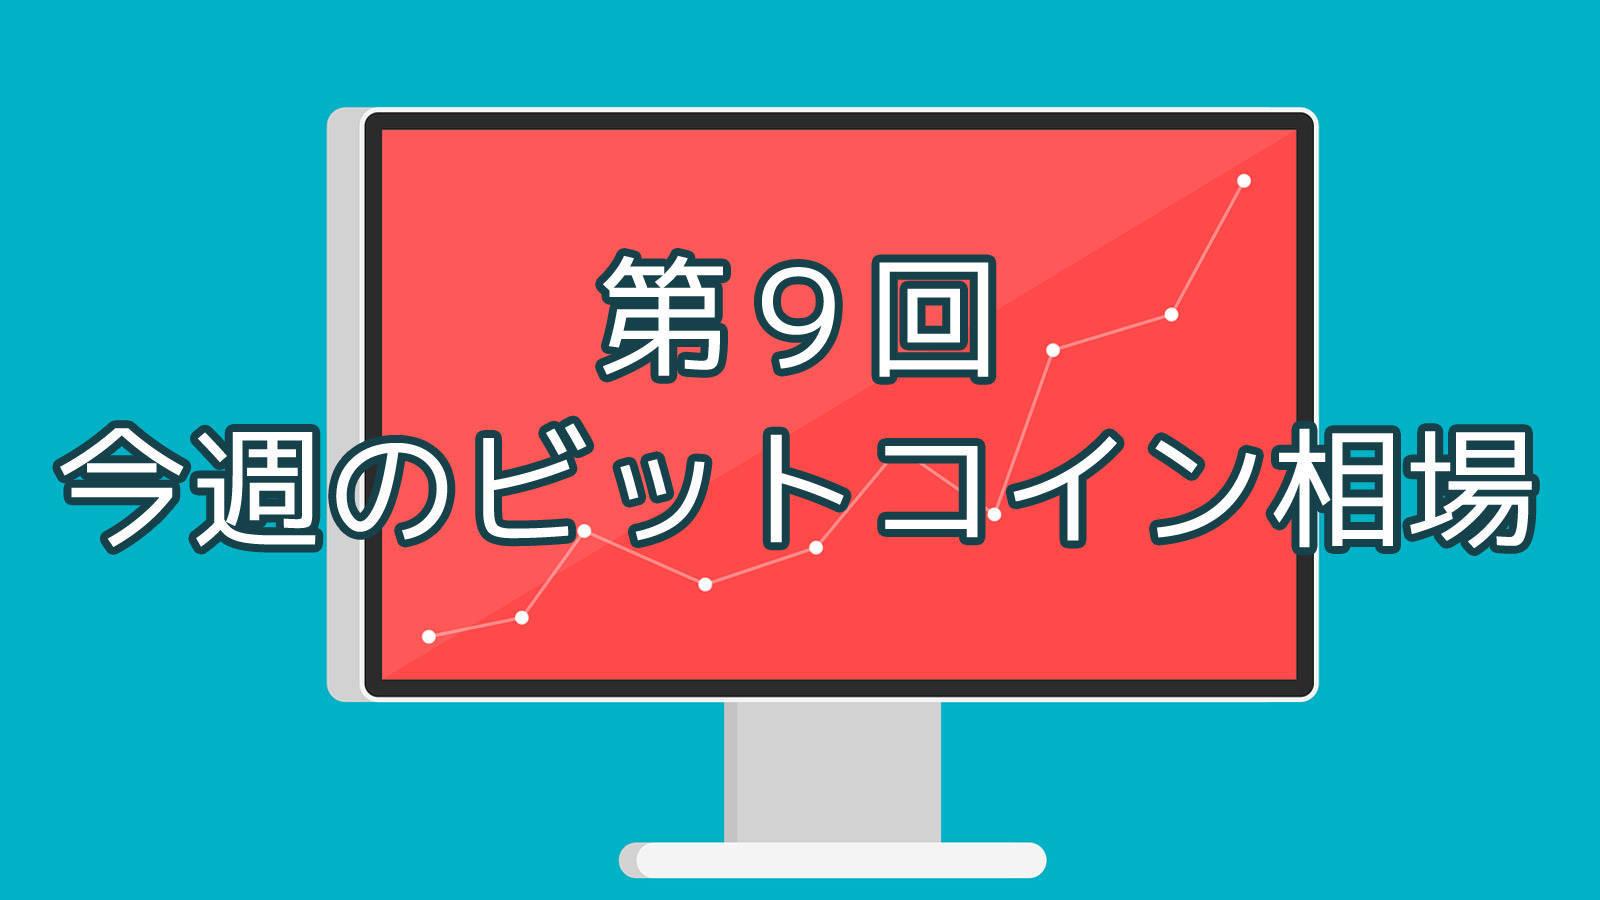 【第9回】今週のビットコイン相場 (4/16〜4/22)